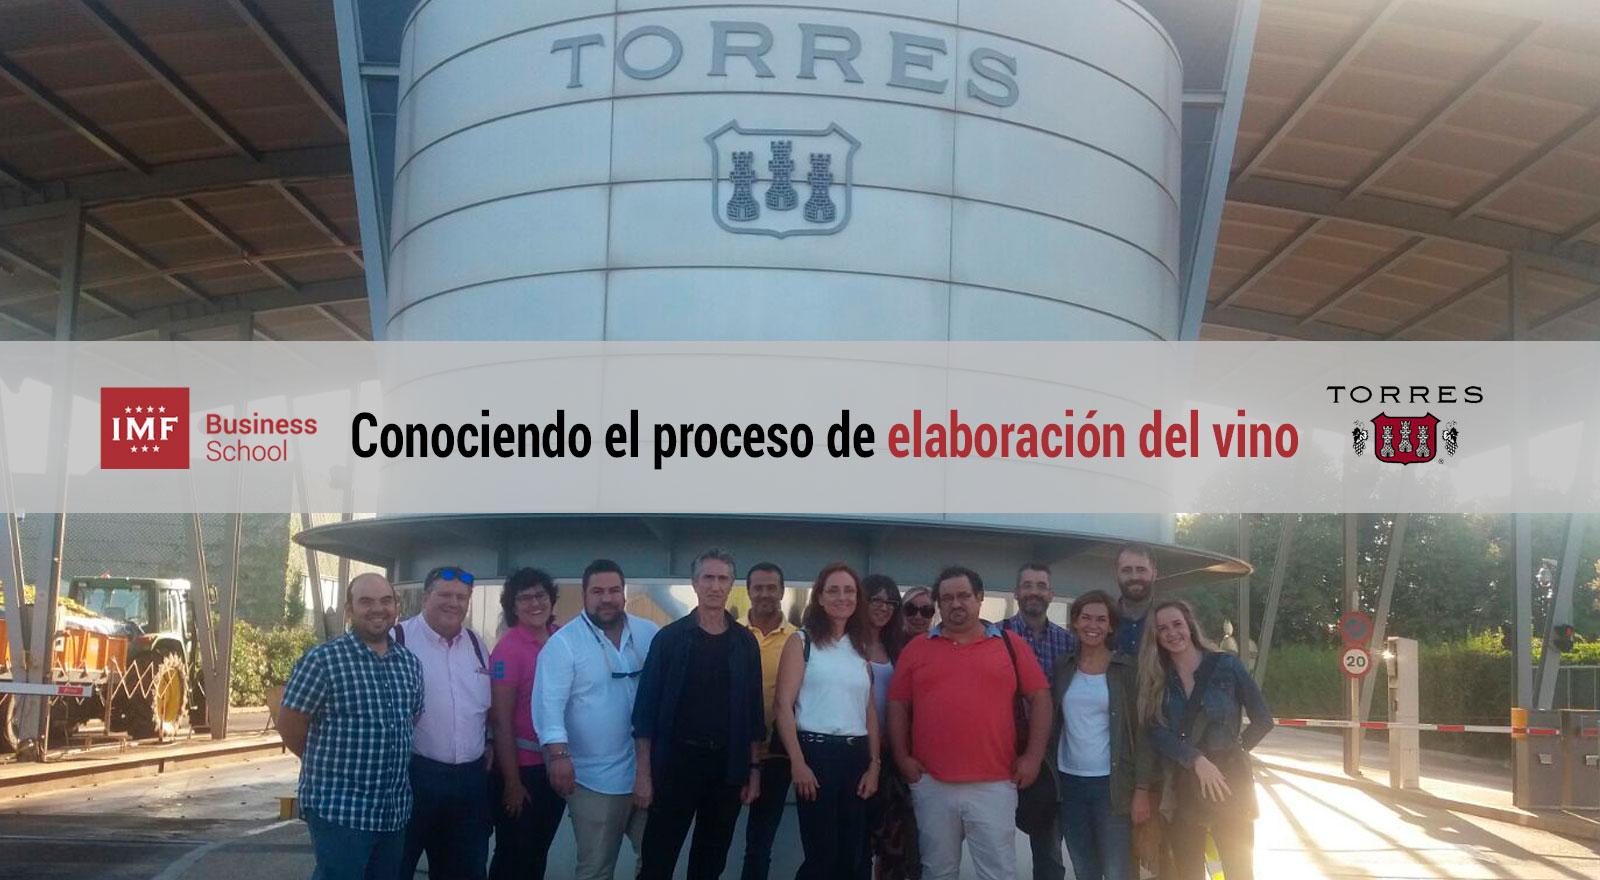 proceso-elaboracion-vino Alumnos de MBA de Enología viven la elaboración del vino